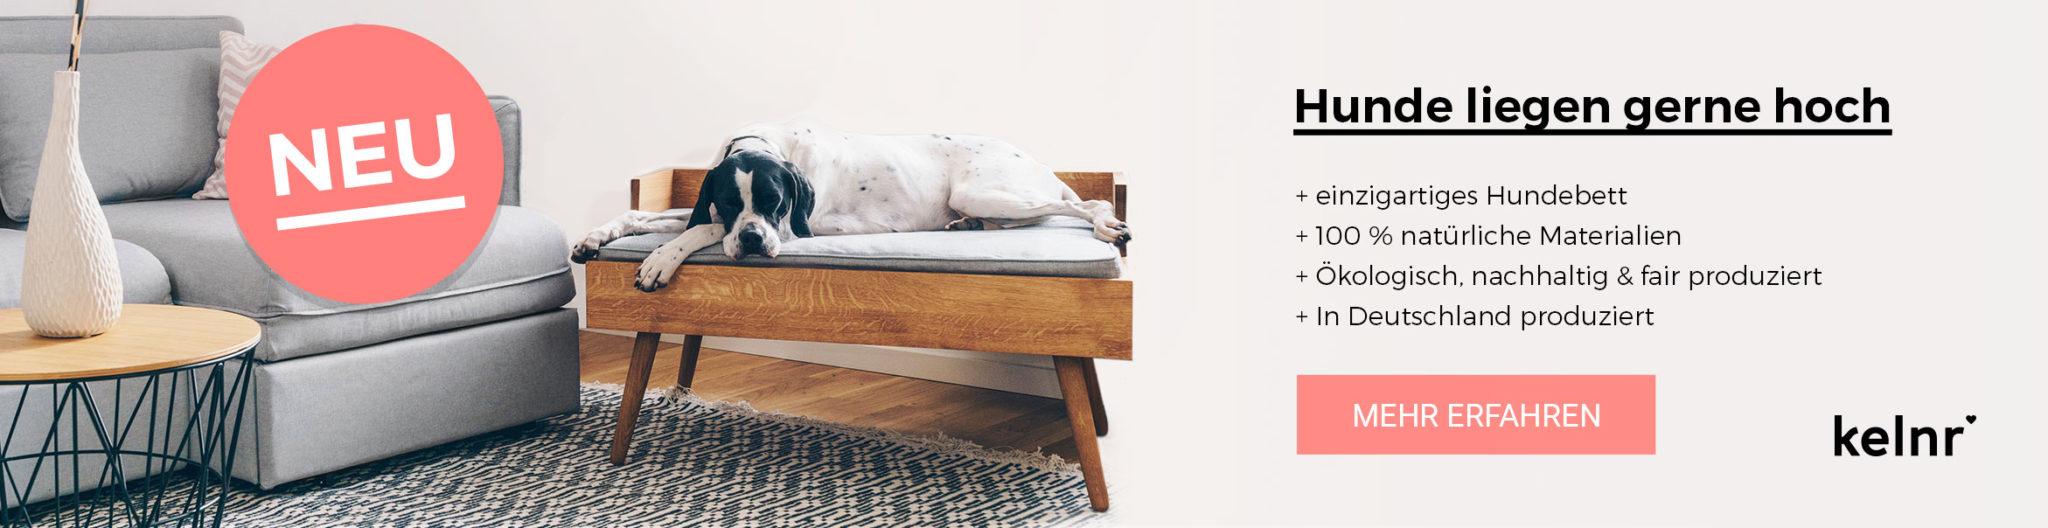 Hundebett kelnr.com